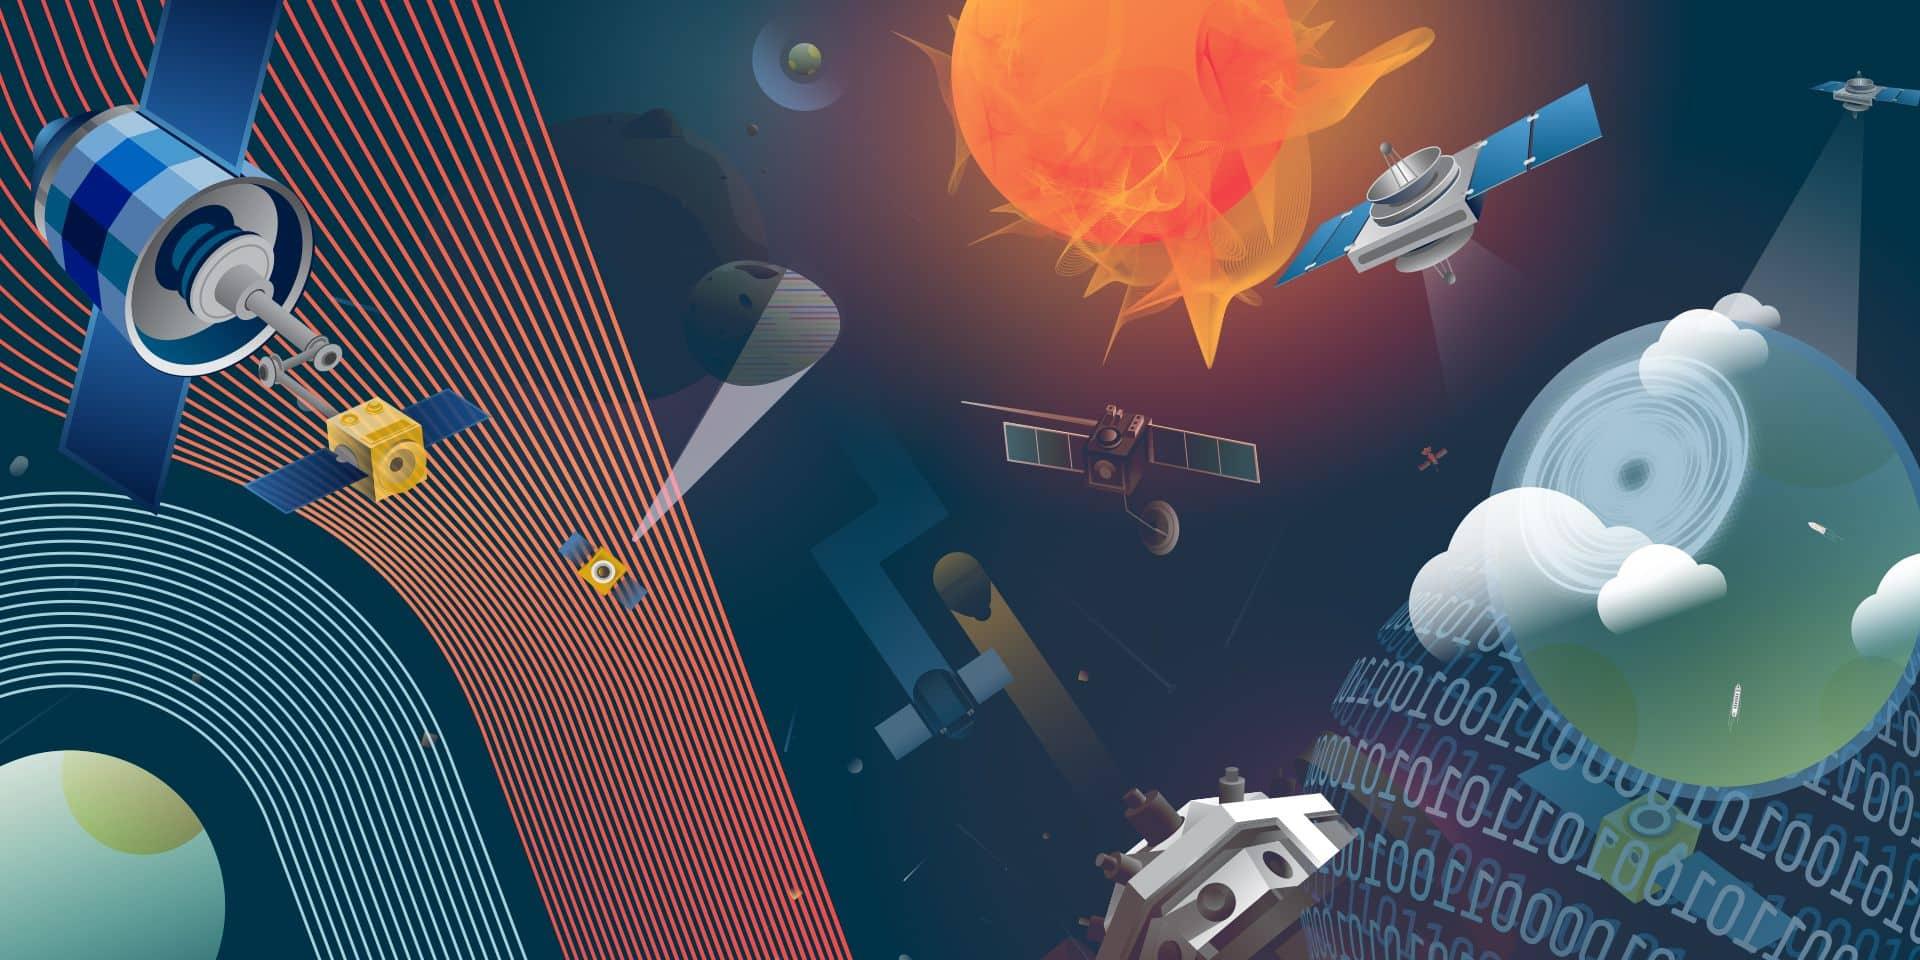 """Missile antisatellite, espionnage, hacking... L'espace, ce """"nouveau front de guerre du monde"""""""